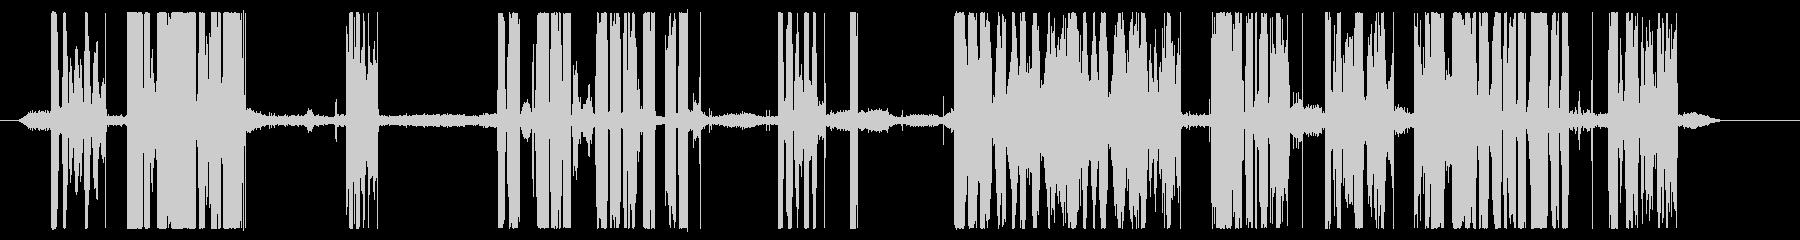 機内交換;室内静かなエンジンの音、...の未再生の波形